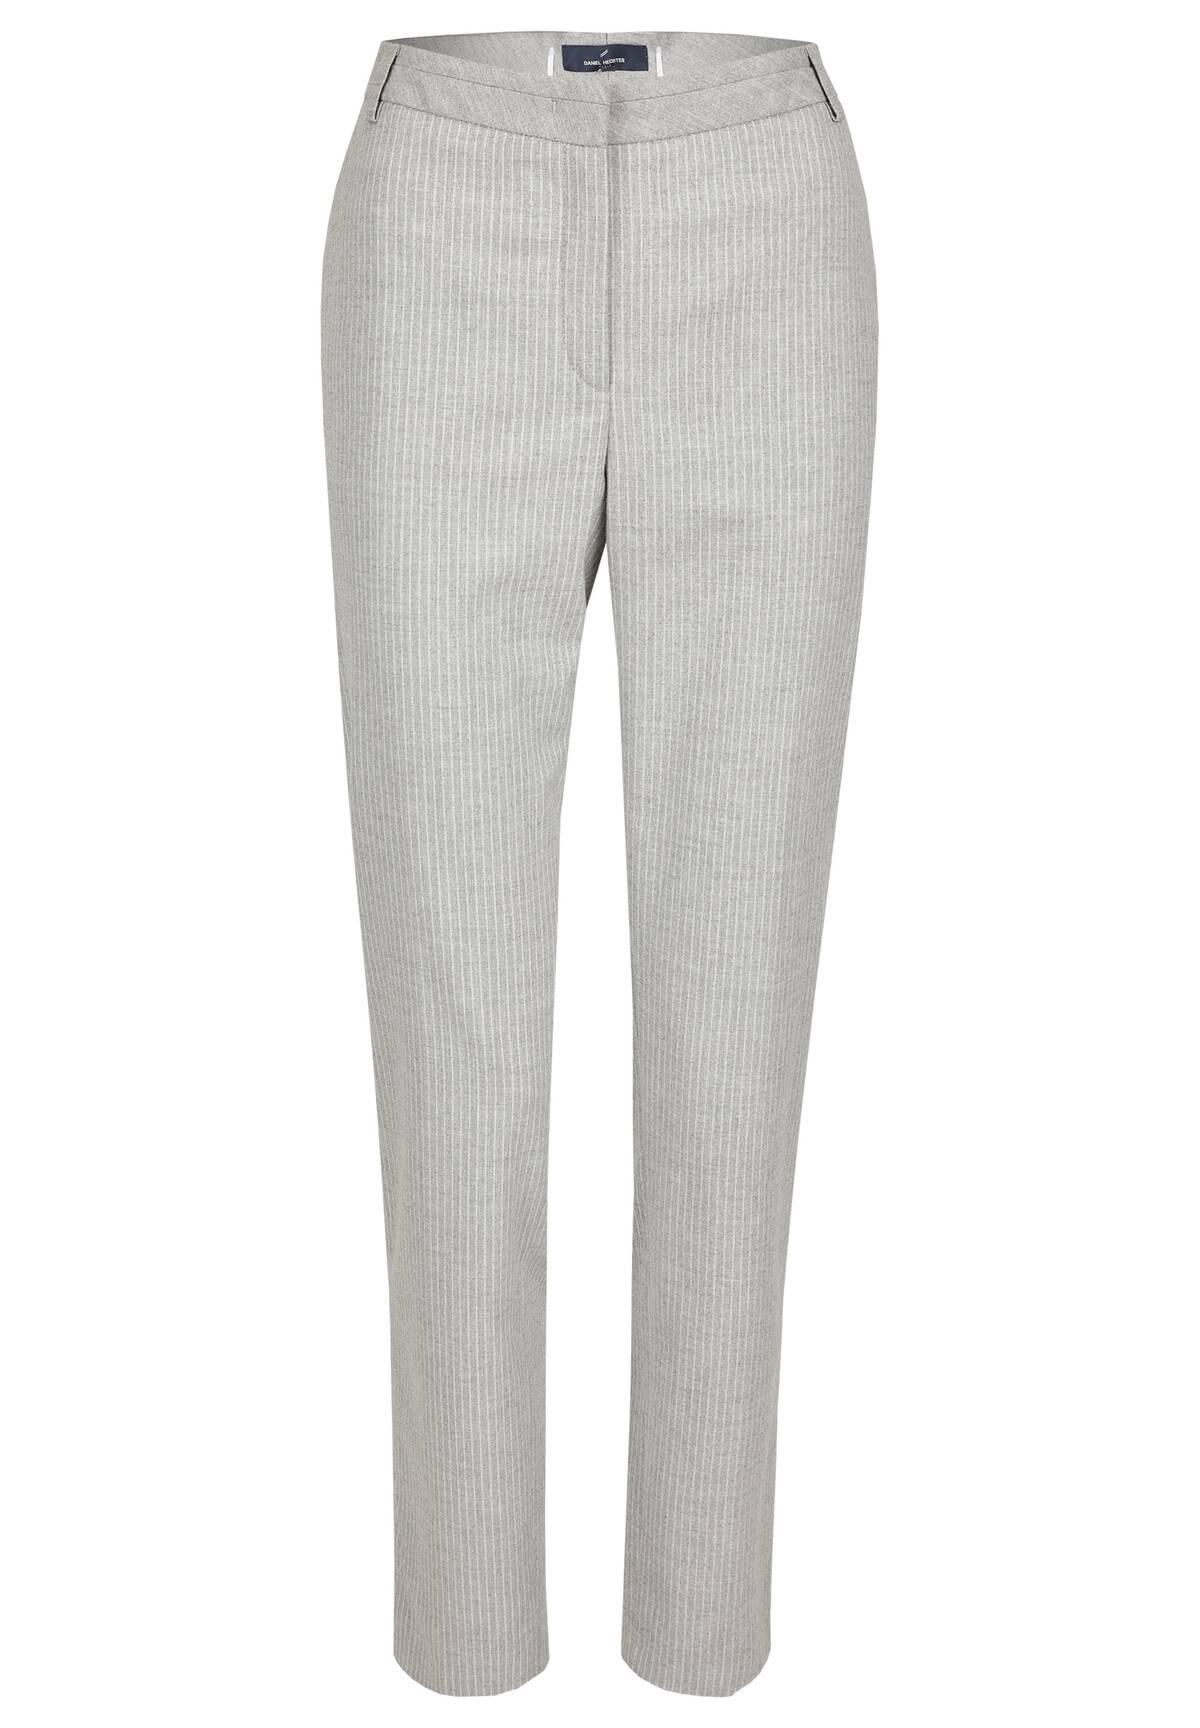 Schmal geschnittene Hose / Pants